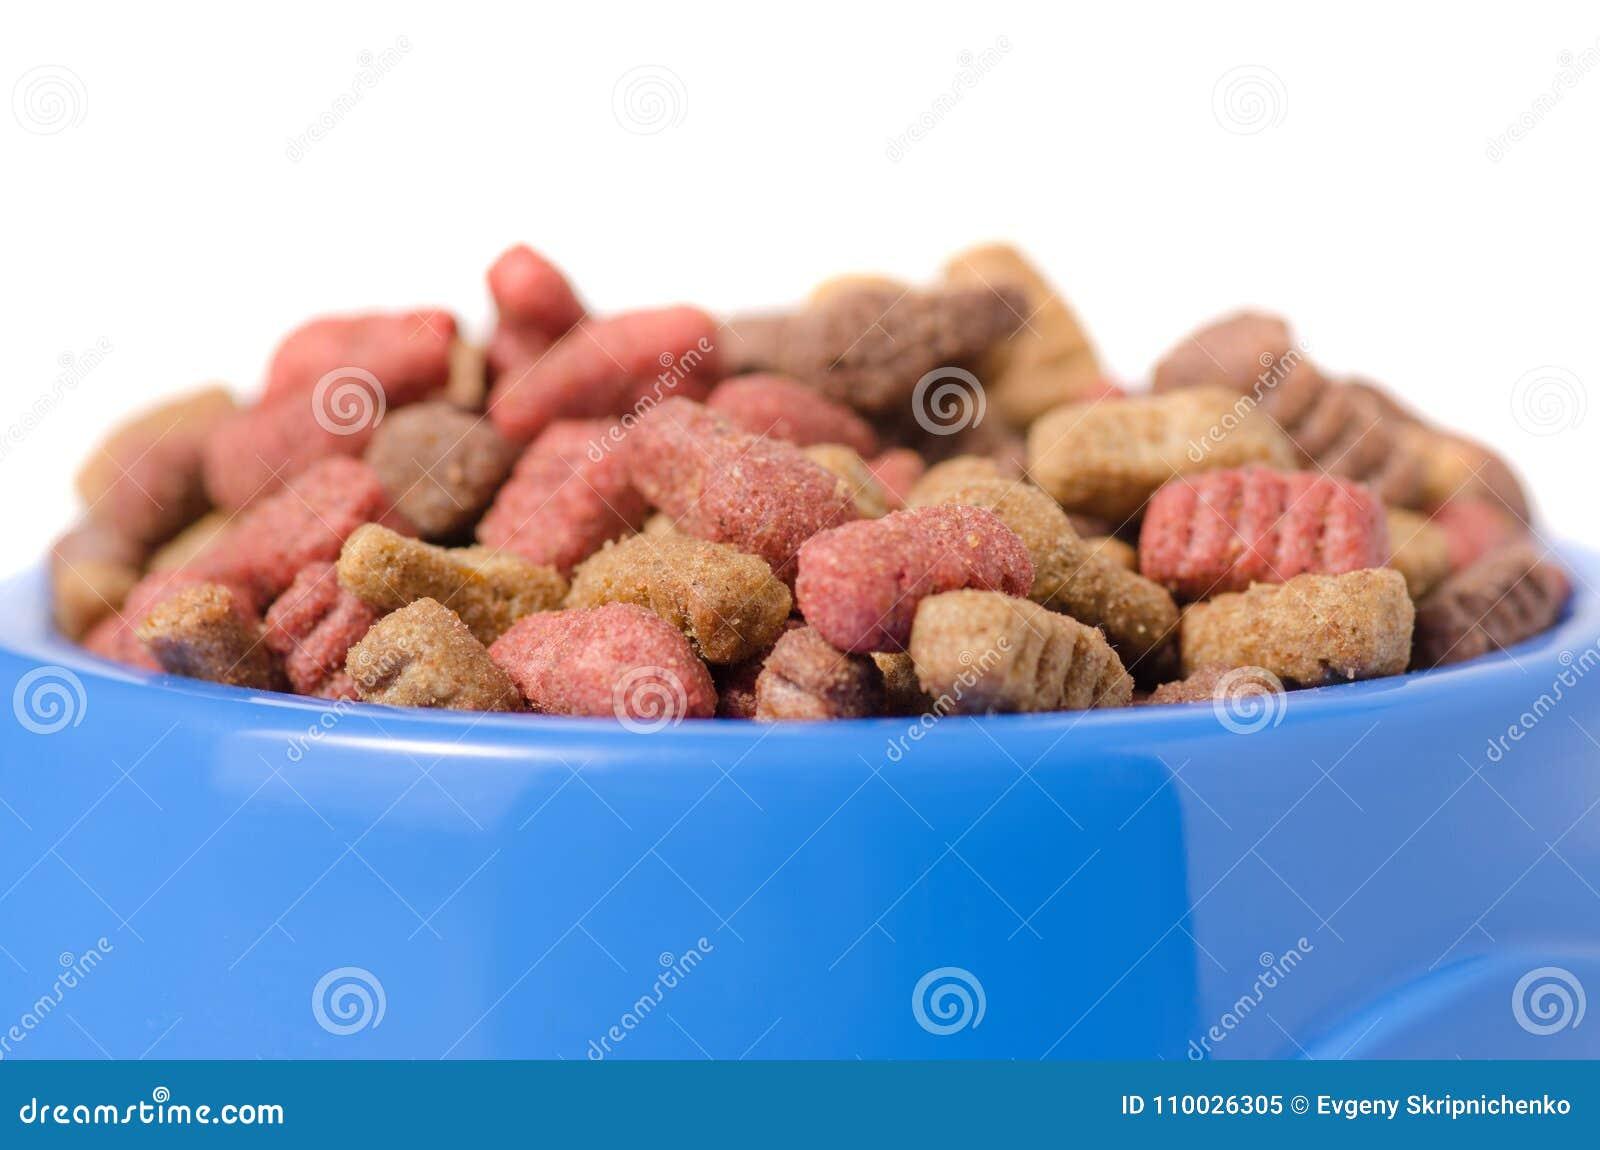 Voedsel voor honden en katten in een blauwe kom